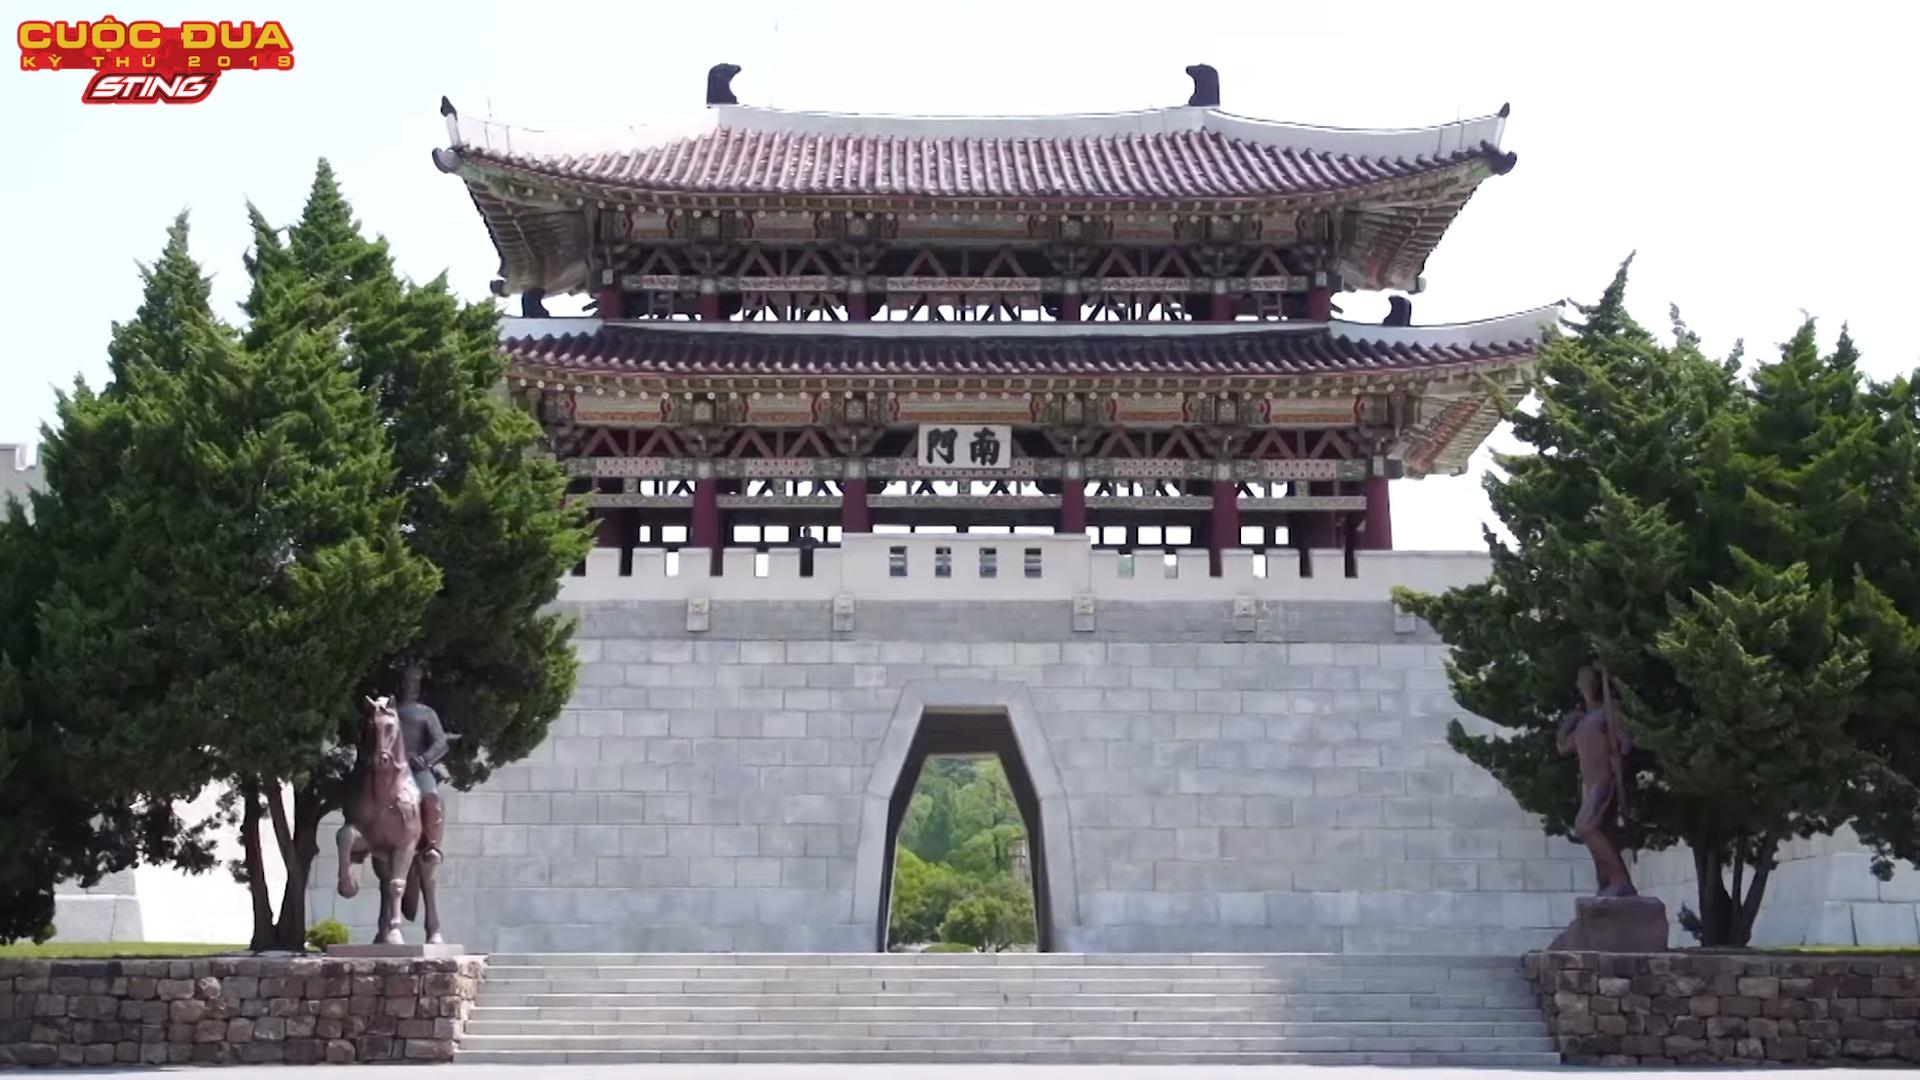 Ghé thăm những địa danh đặc biệt nhất tại Triều Tiên cùng các tay đua Cuộc đua kỳ thú 2019